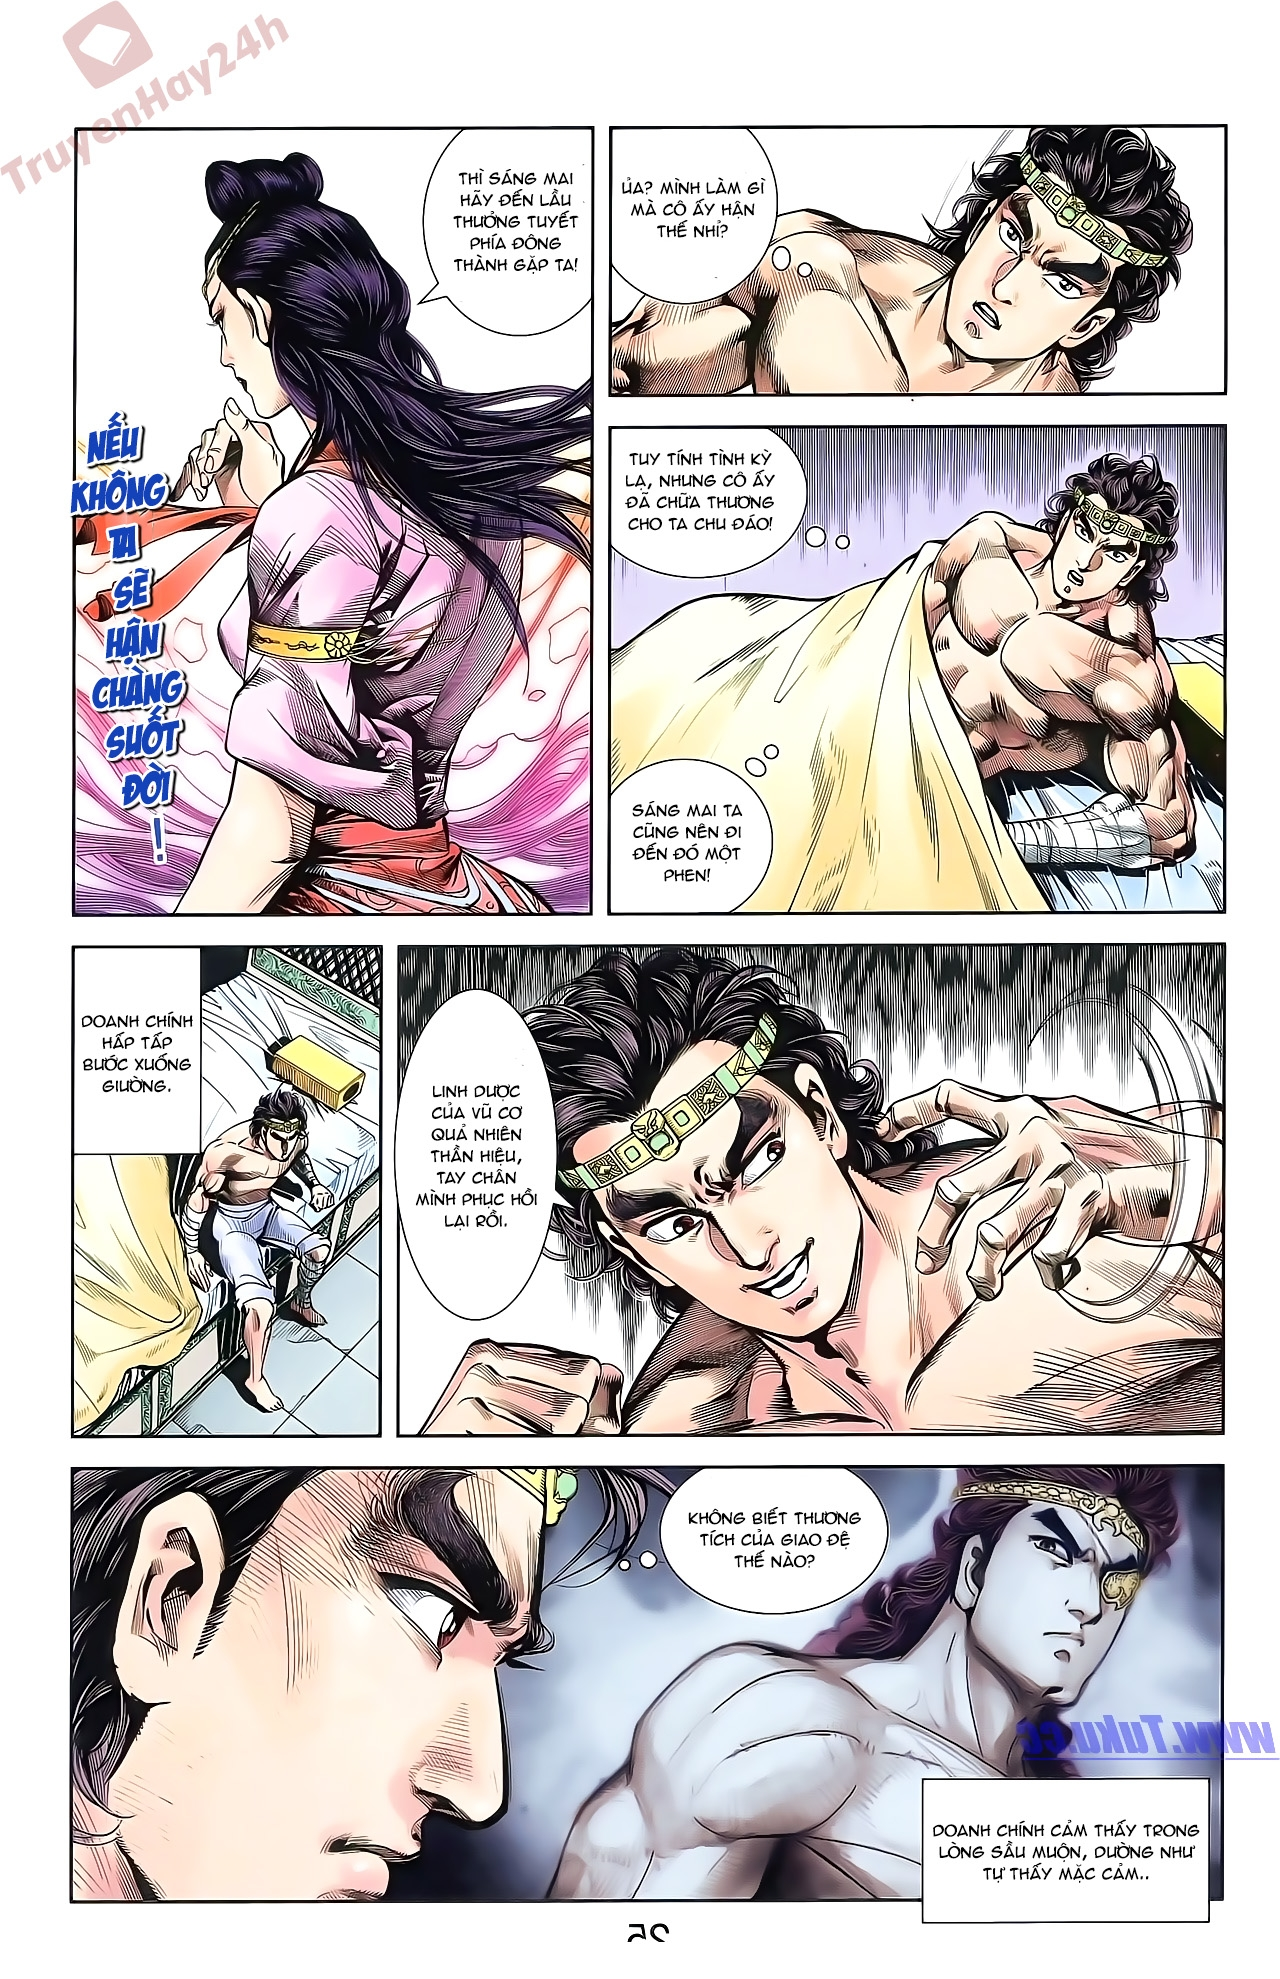 Tần Vương Doanh Chính chapter 50 trang 25